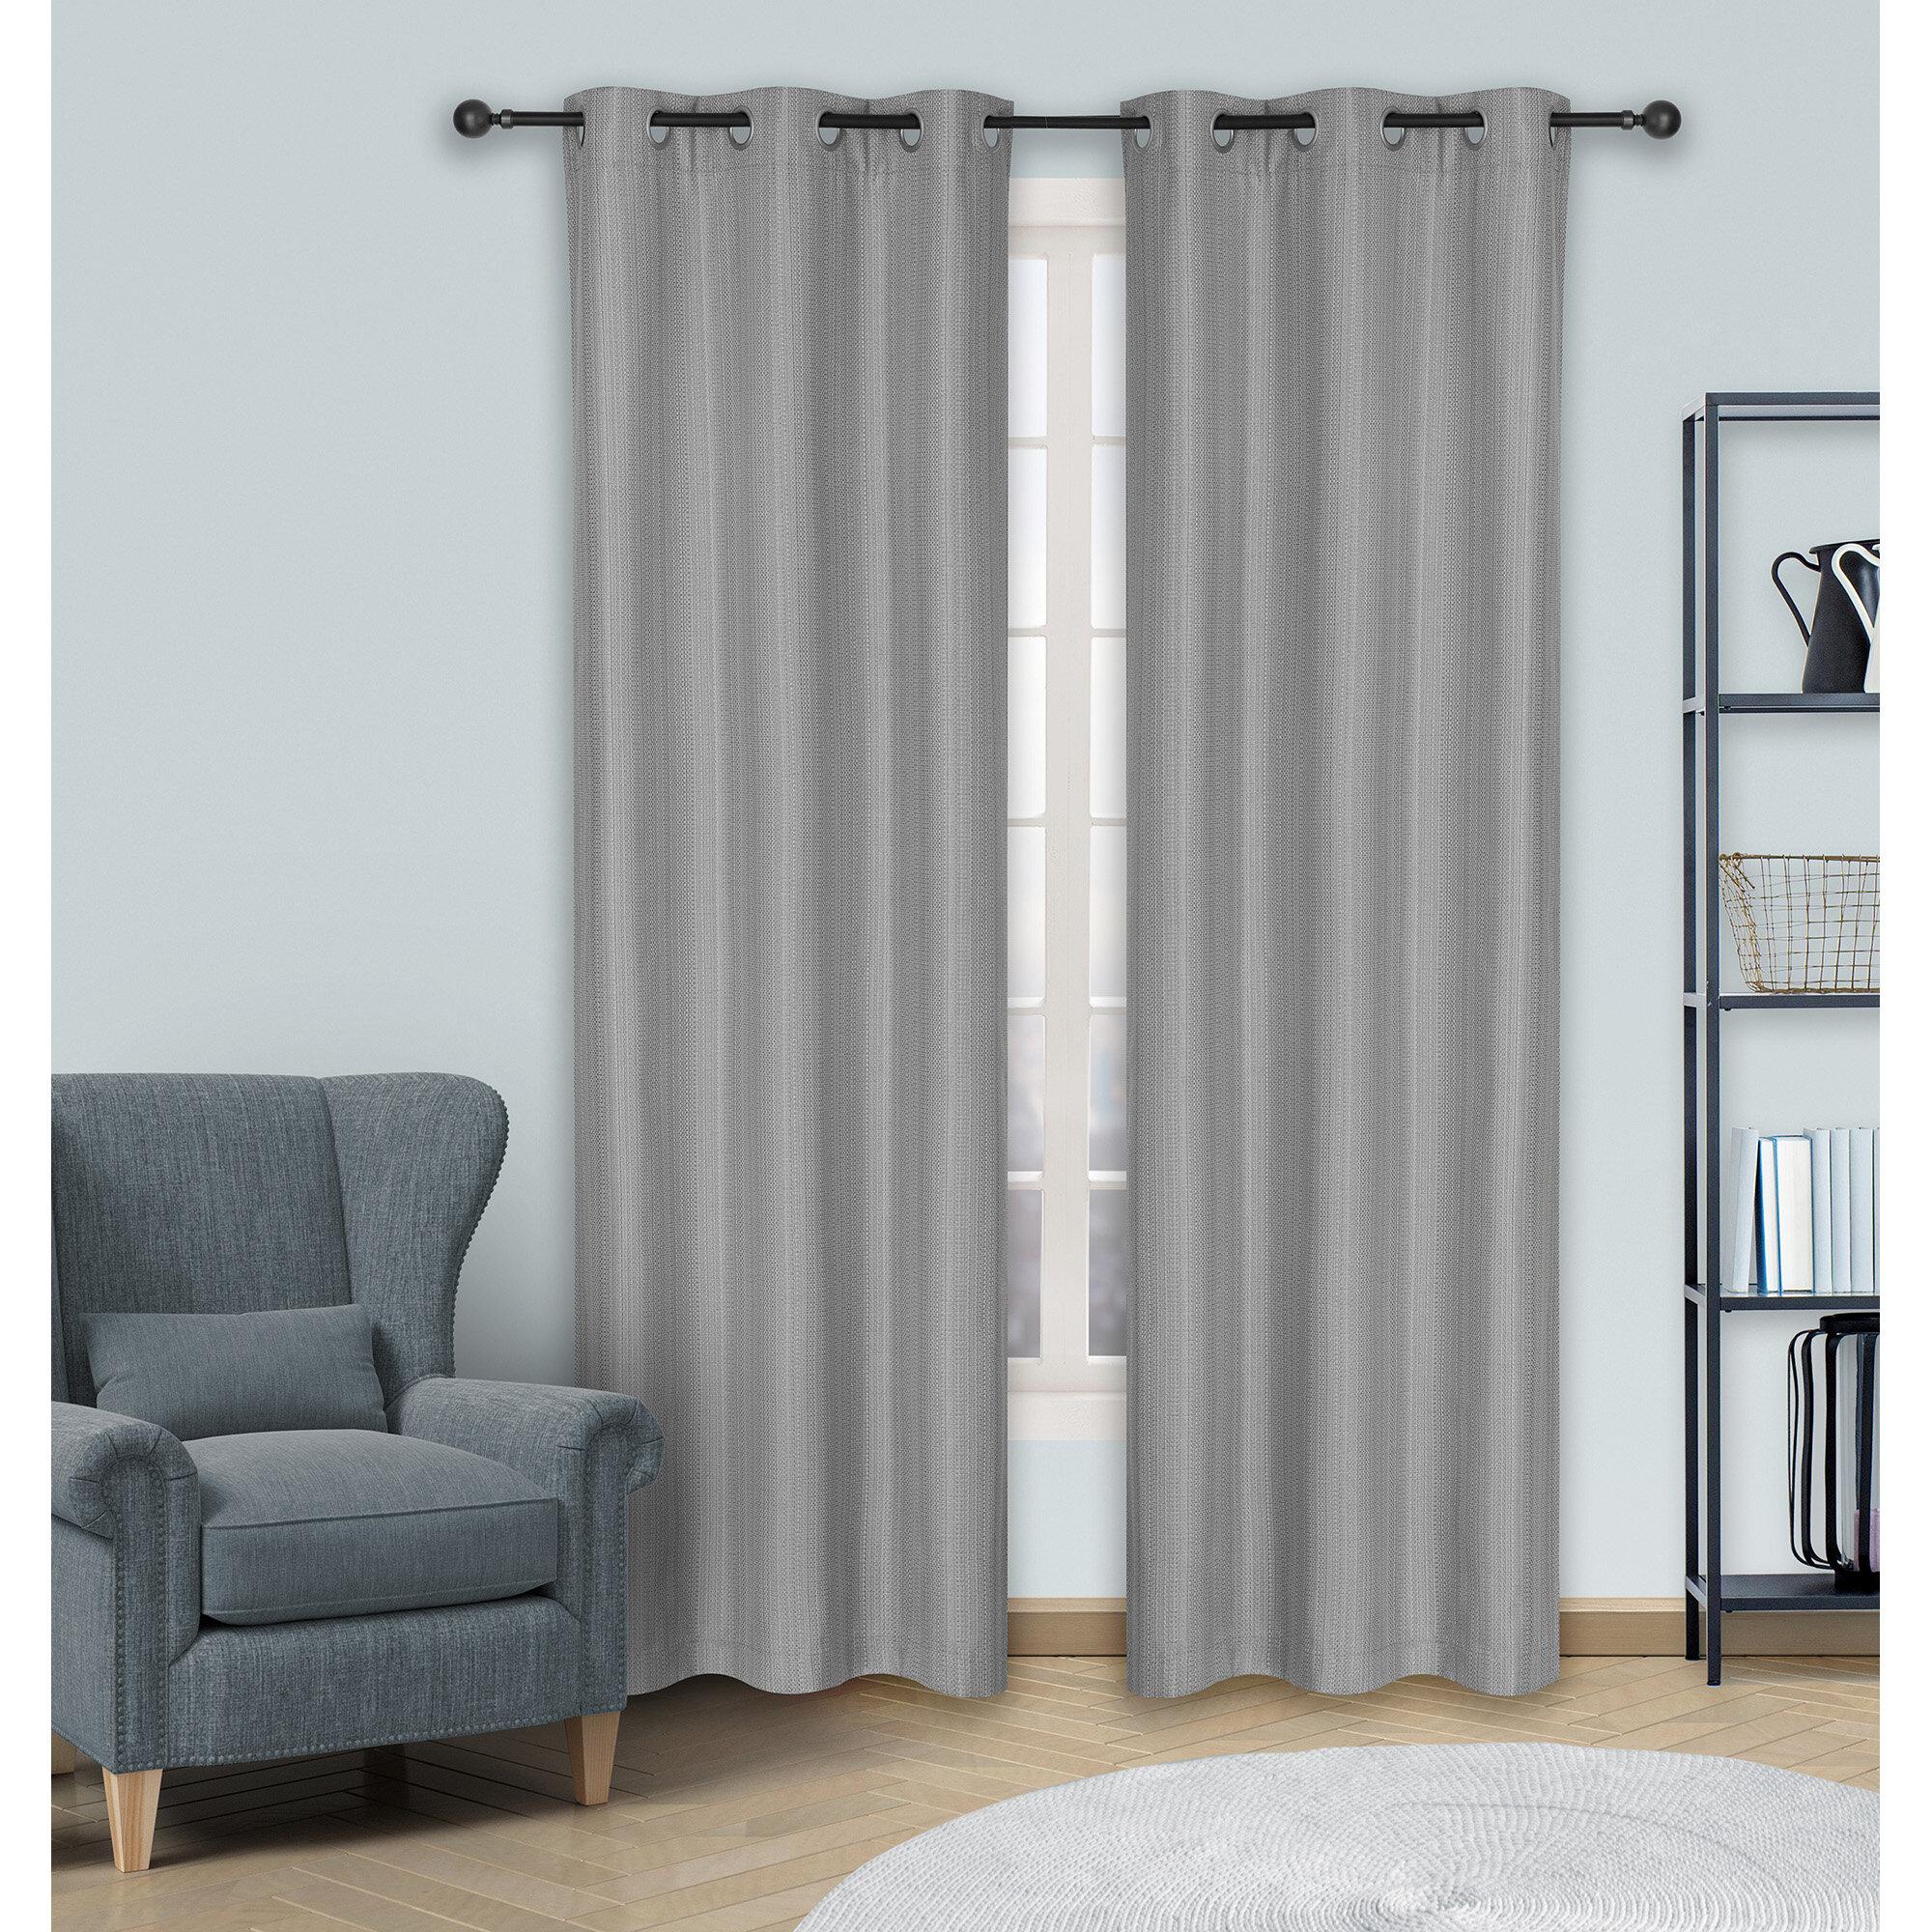 Miera Solid Room Darkening Thermal Grommet Curtain Panels in Grommet Room Darkening Curtain Panels (Image 11 of 20)